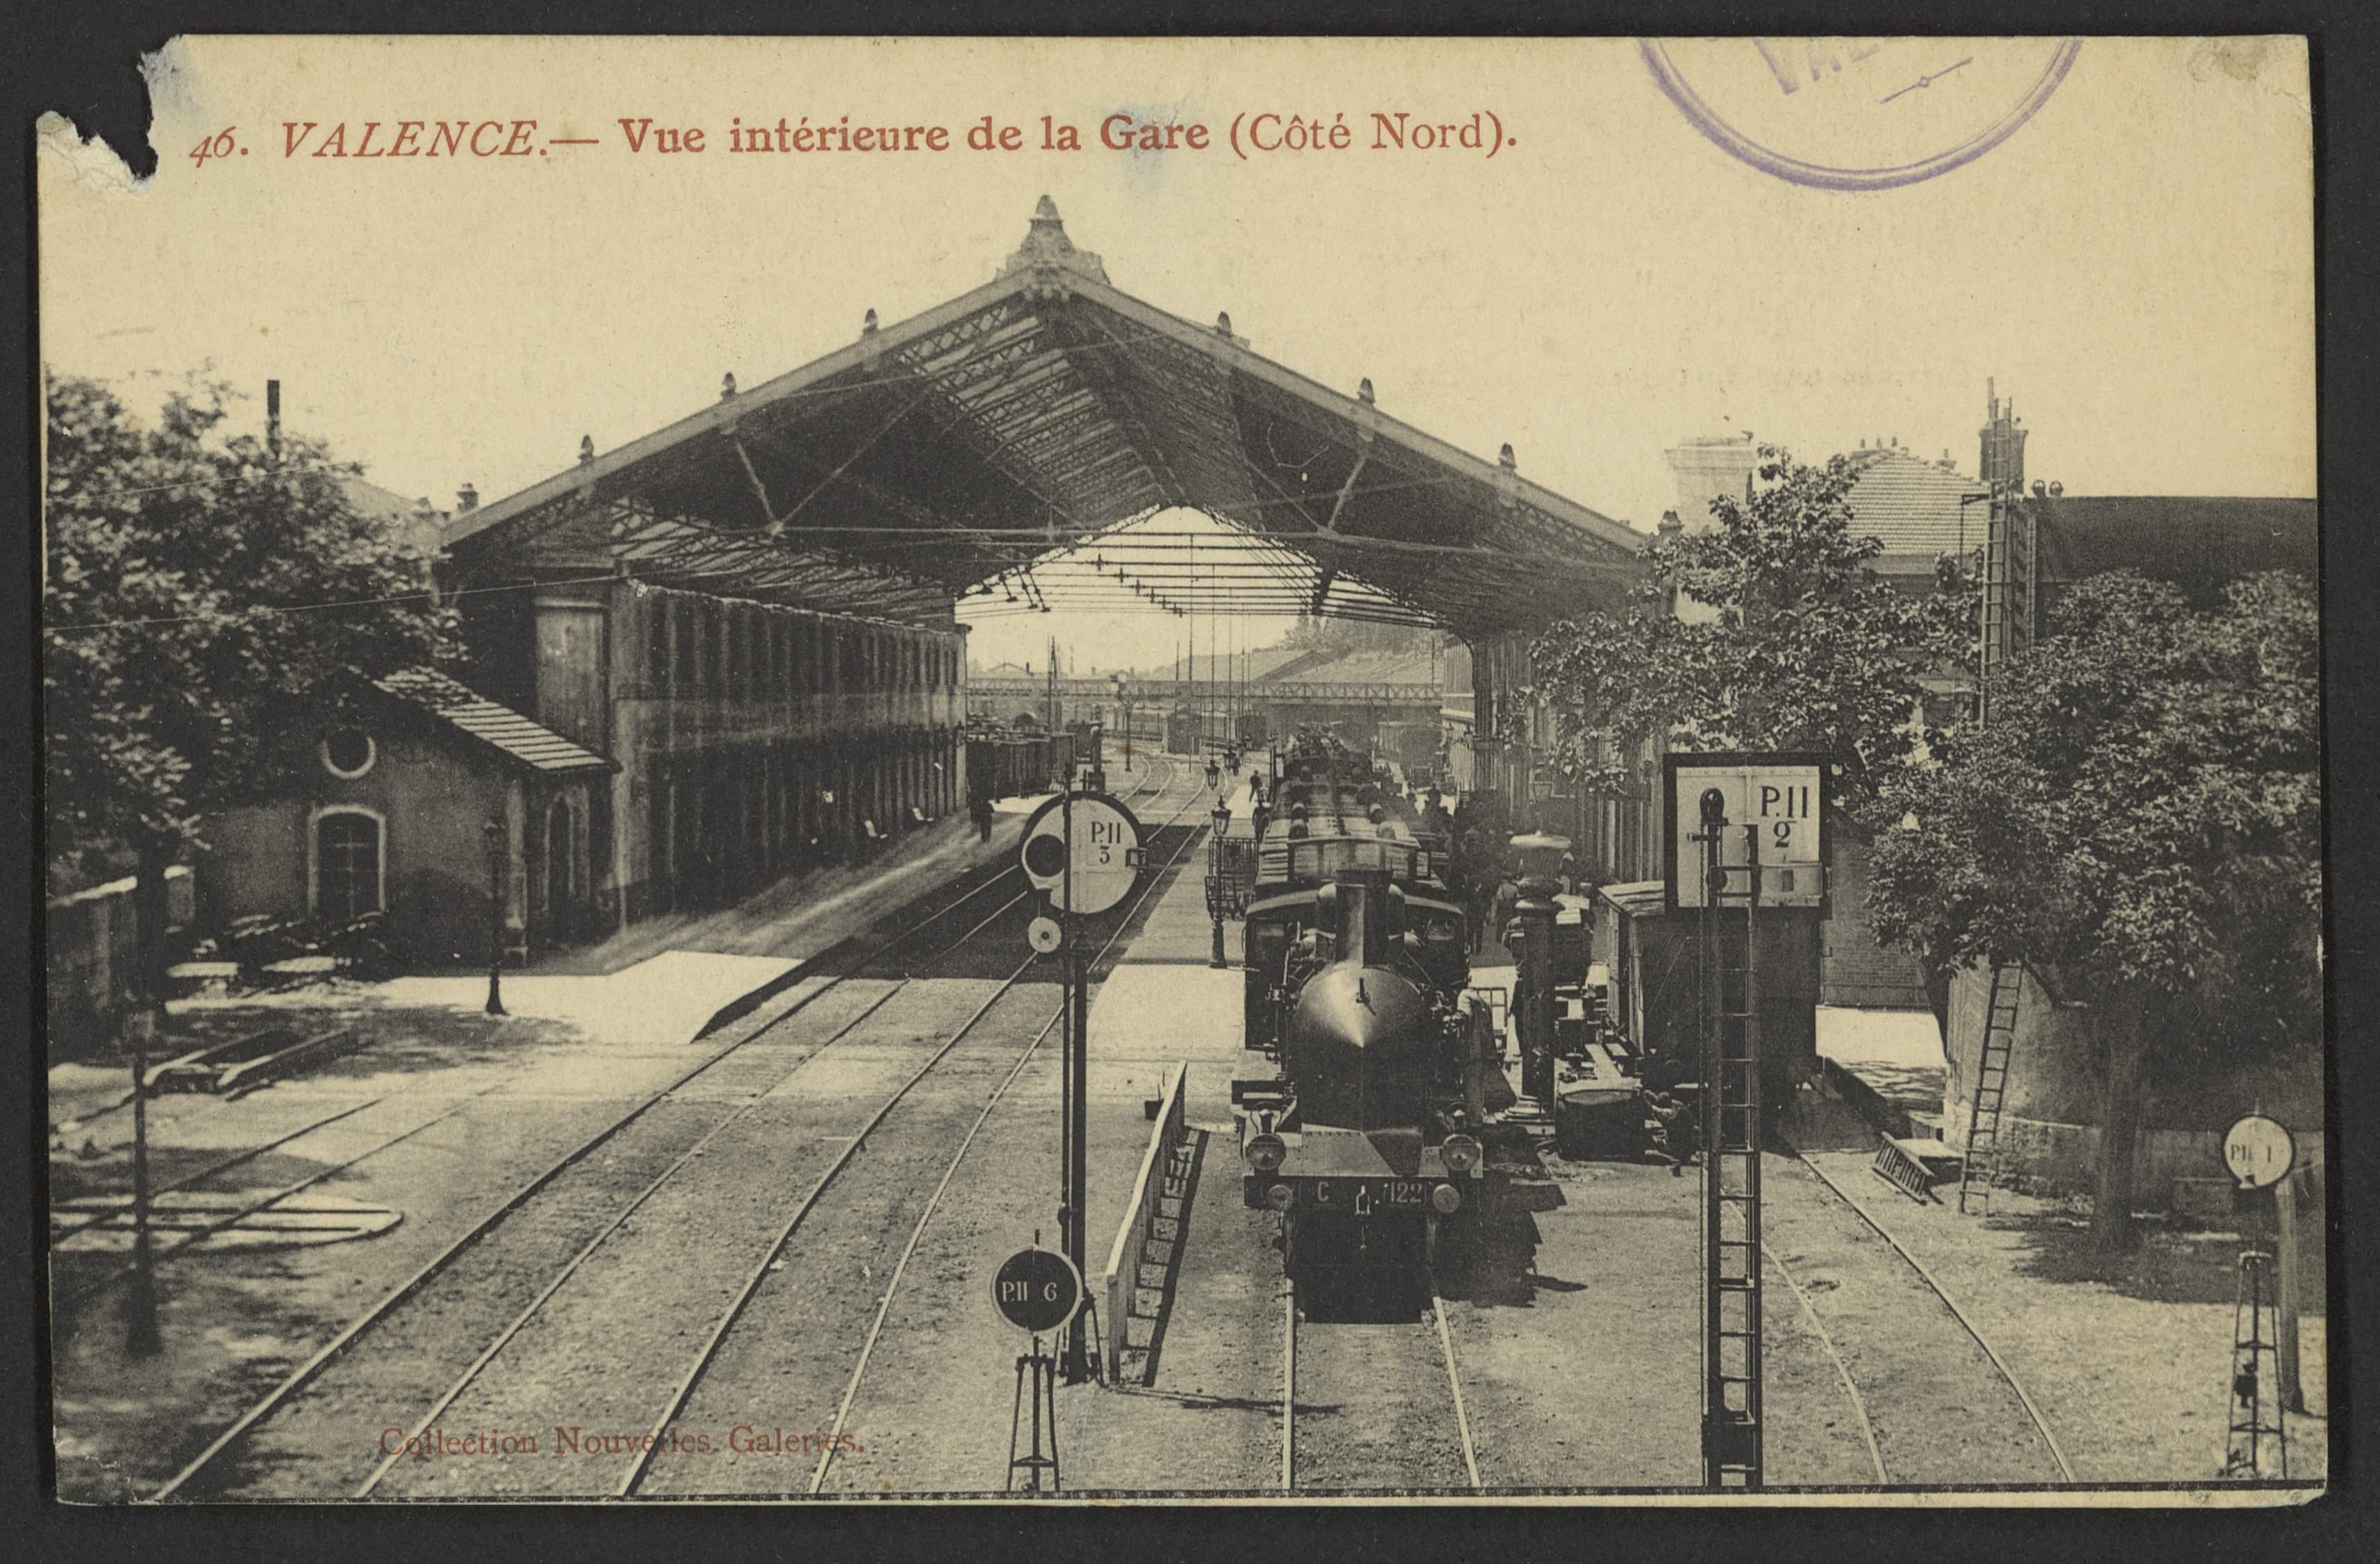 Valence - Vue Intérieure de la Gare (Côté Nord)